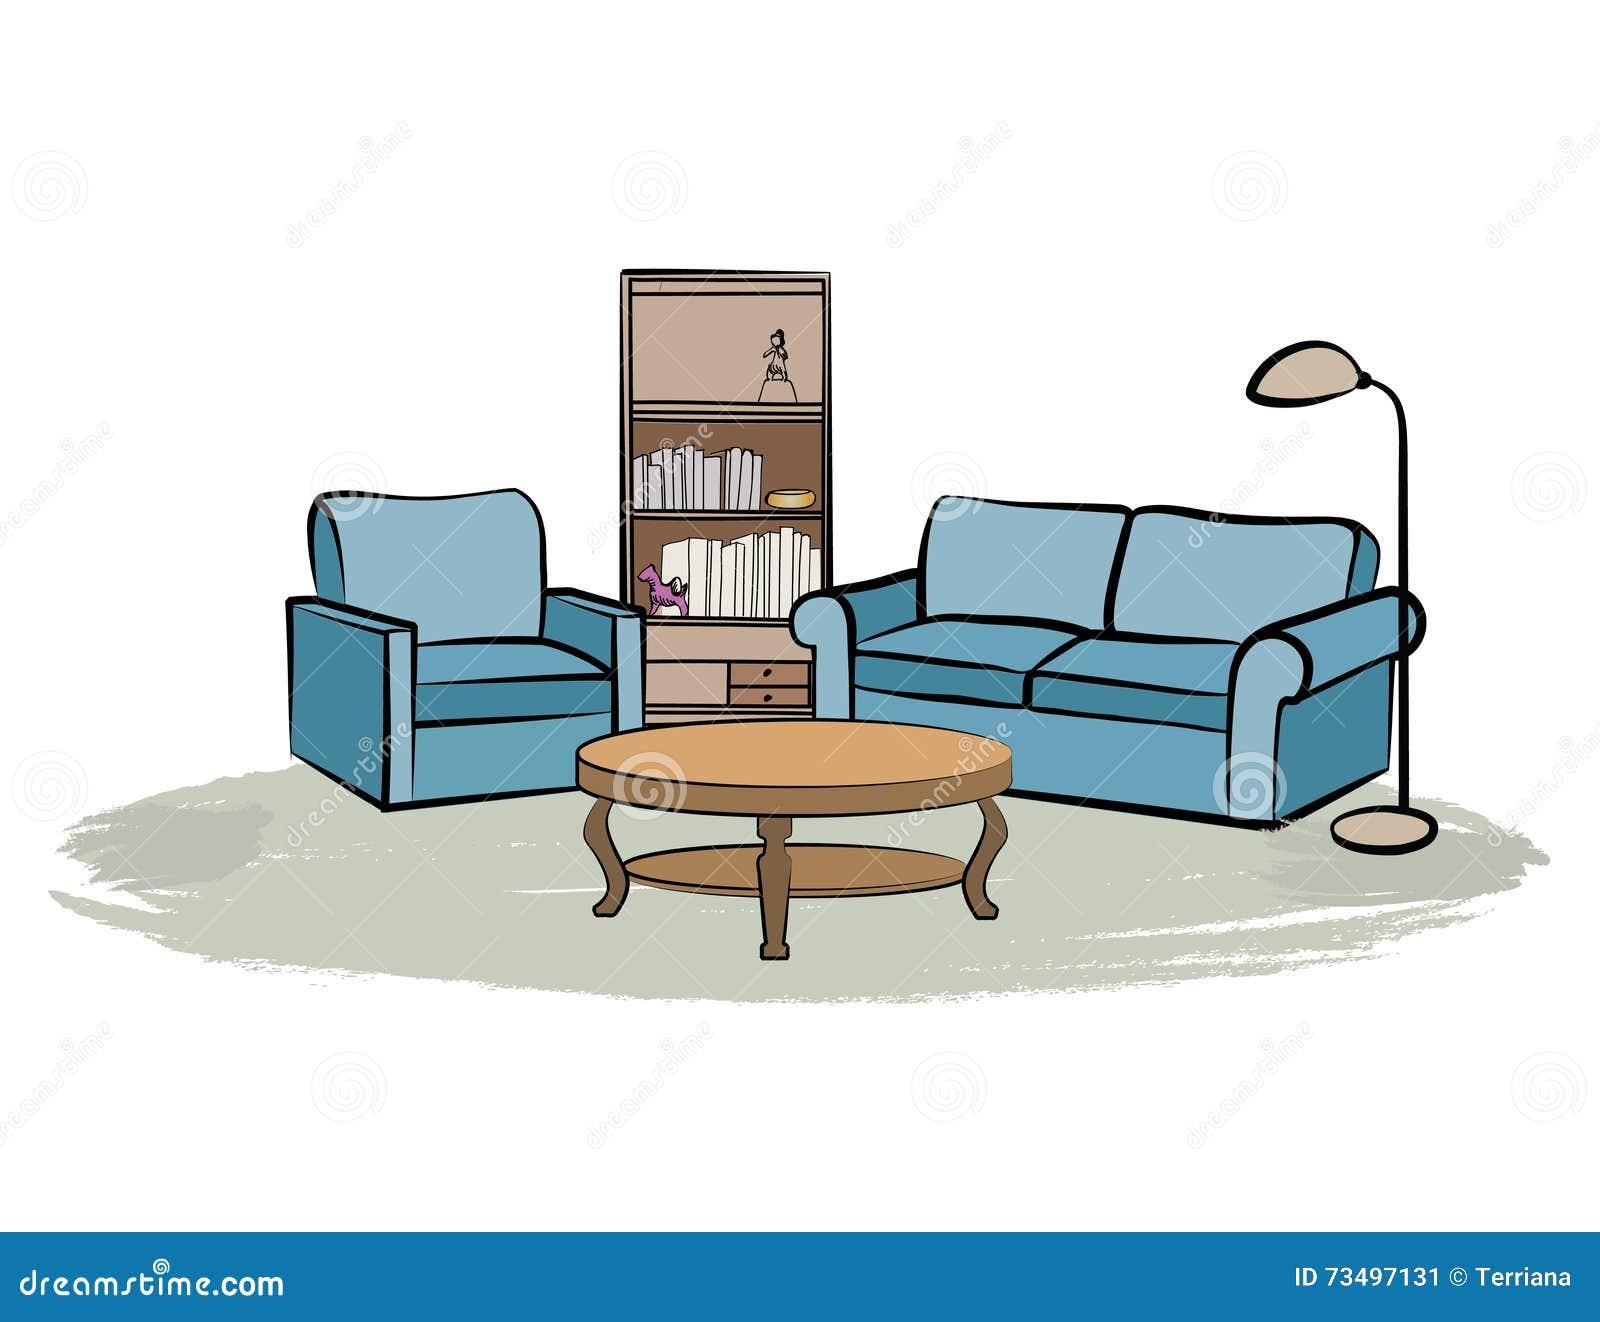 Meubles Int Rieurs La Maison Avec Le Sofa Fauteuil Table  # Les Meubles Pour La Maison